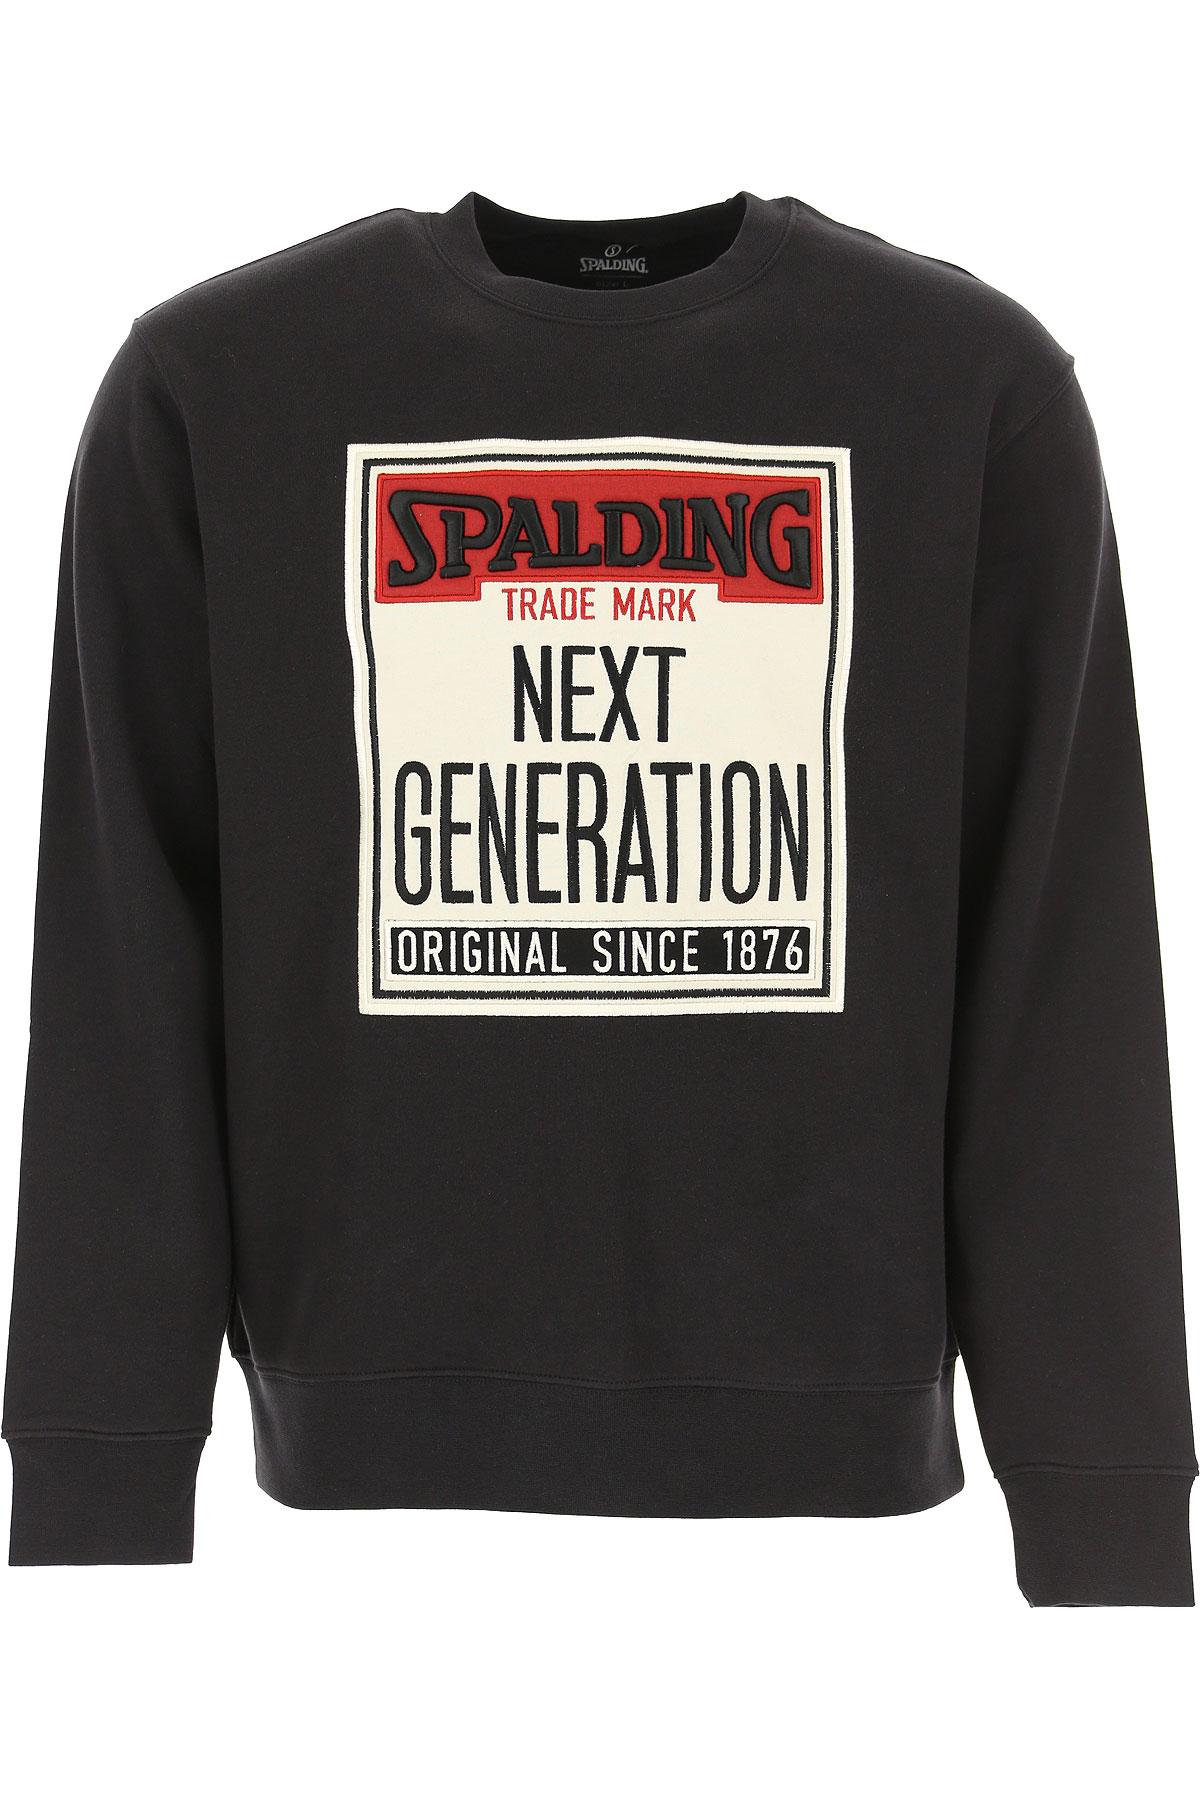 Spalding Sweatshirt for Men On Sale, Black, Cotton, 2019, L M S XL XXL